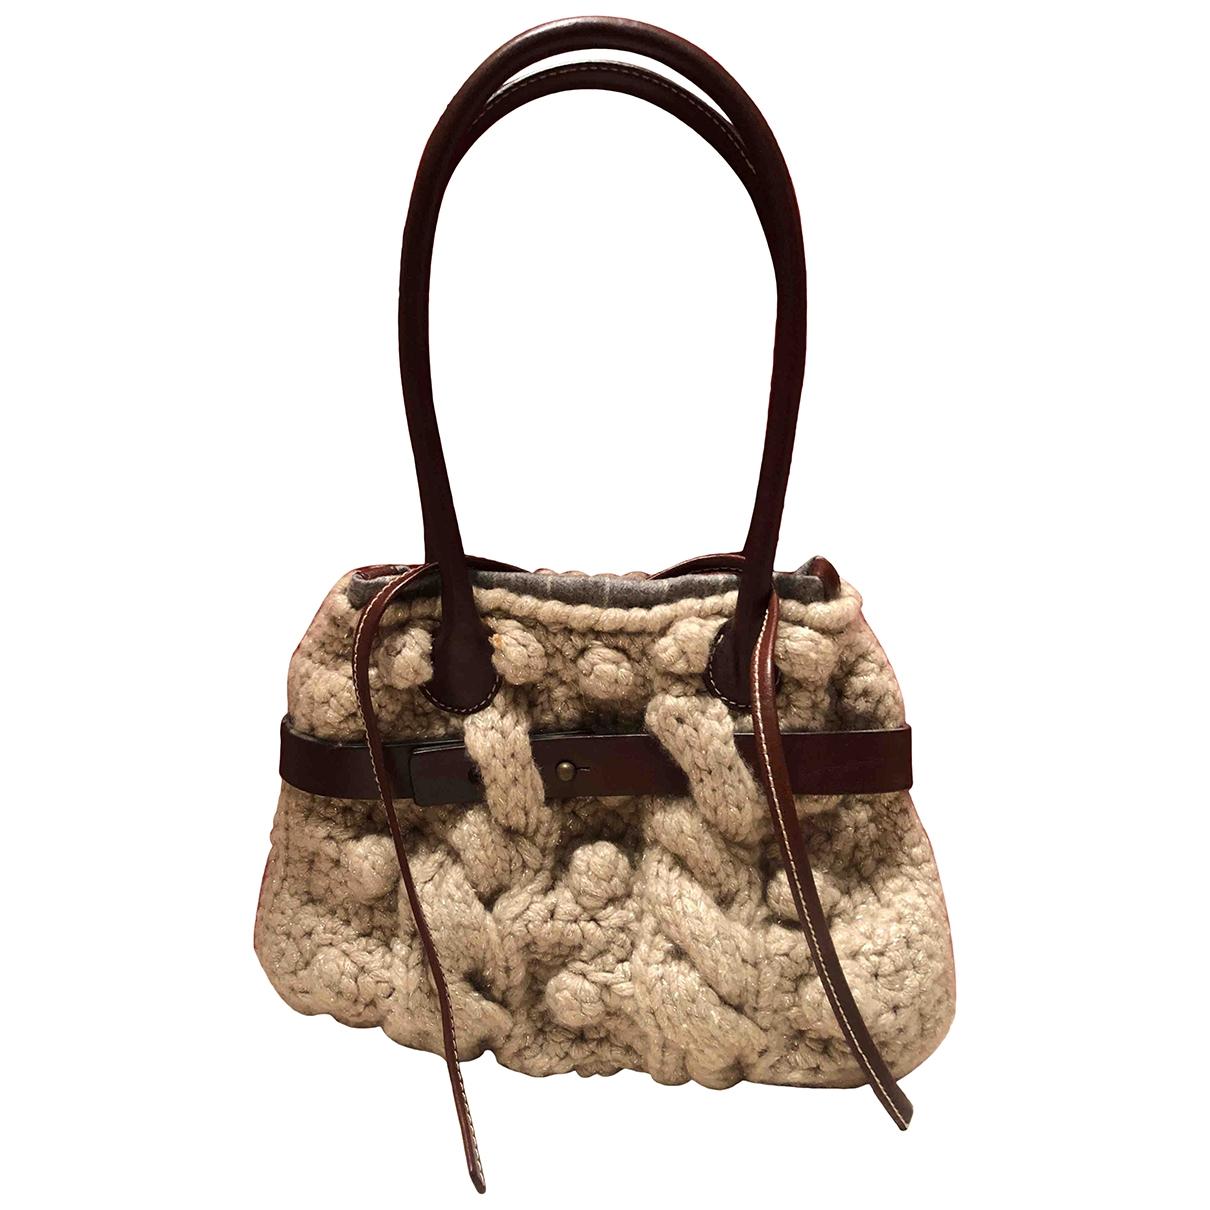 Brunello Cucinelli \N Handtasche in  Beige Wolle